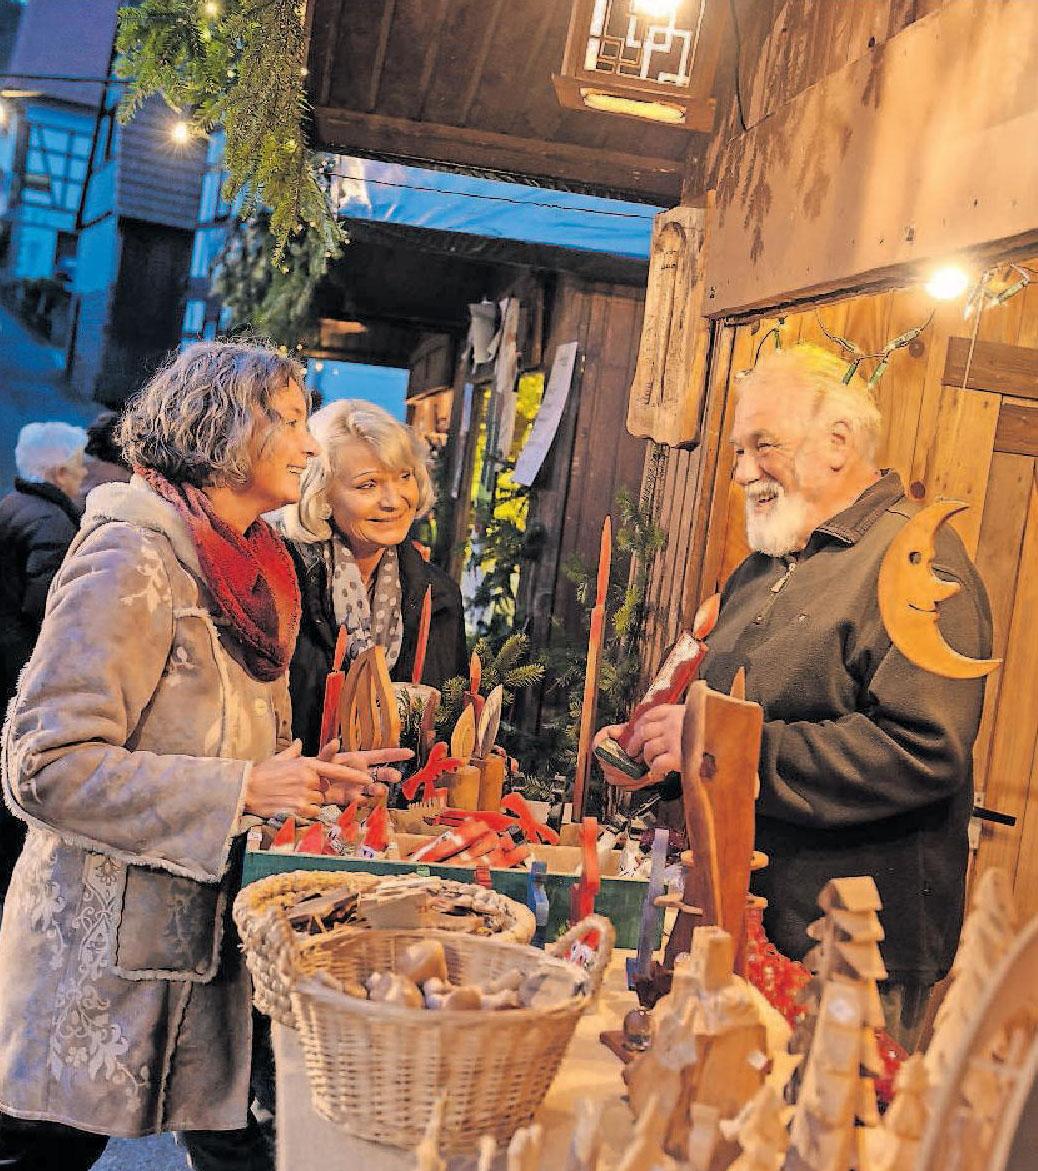 Eine besondere, intensive Atmosphäre hat das Weihnachtsmarktgeschehen in den Gassen des südpfälzischen Dörrenbach. Zwischen Rathaus und Wehrkirche geht es eng zu. Zu erleben ist der märchenhafte Dornröschen-Weihnachtsmarkt vom 13. bis 15.12. – hier ein Kunsthandwerkstand. Foto: Bildarchiv SÜW/Ad Lumina/Ralf Ziegler/frei